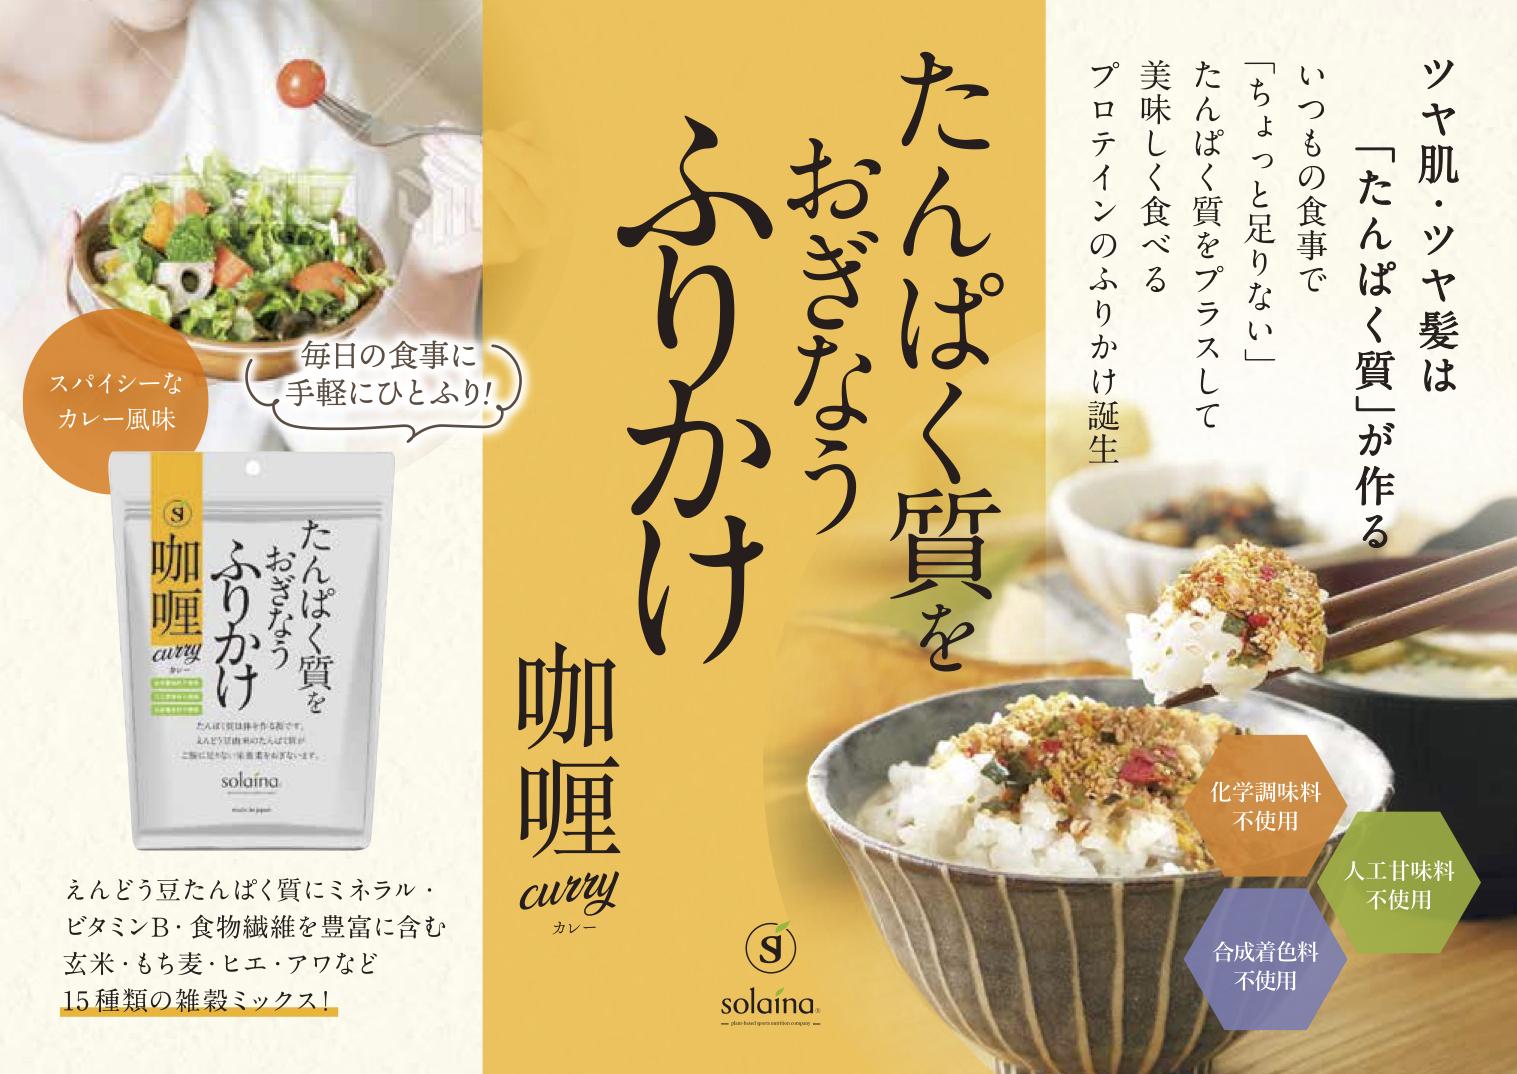 たんぱく質をおぎなうふりかけ[納豆風味][味噌風味][カレー風味]セット